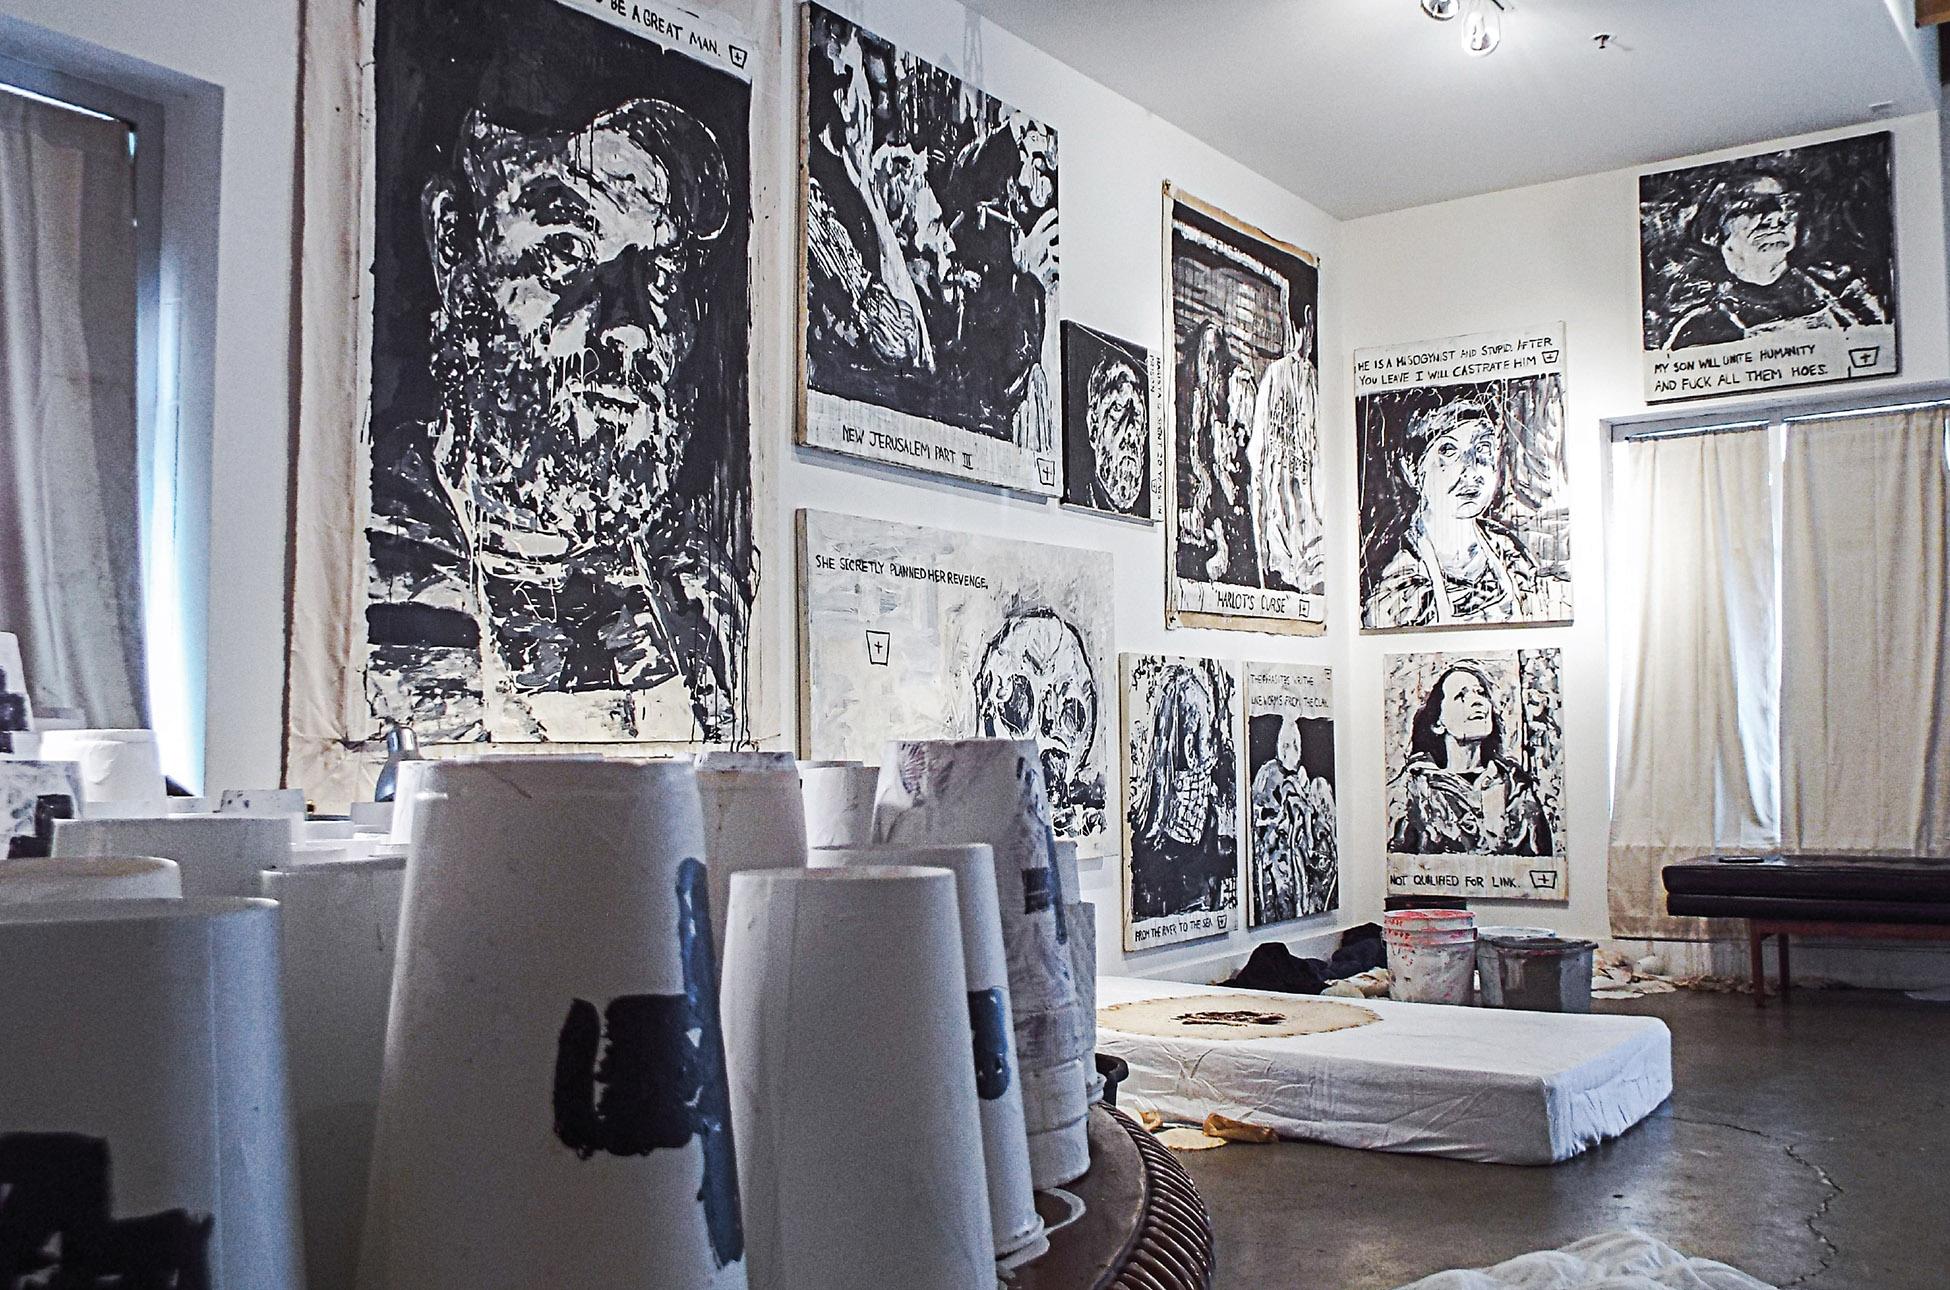 13_baristas_gallery_review_WEB.jpg